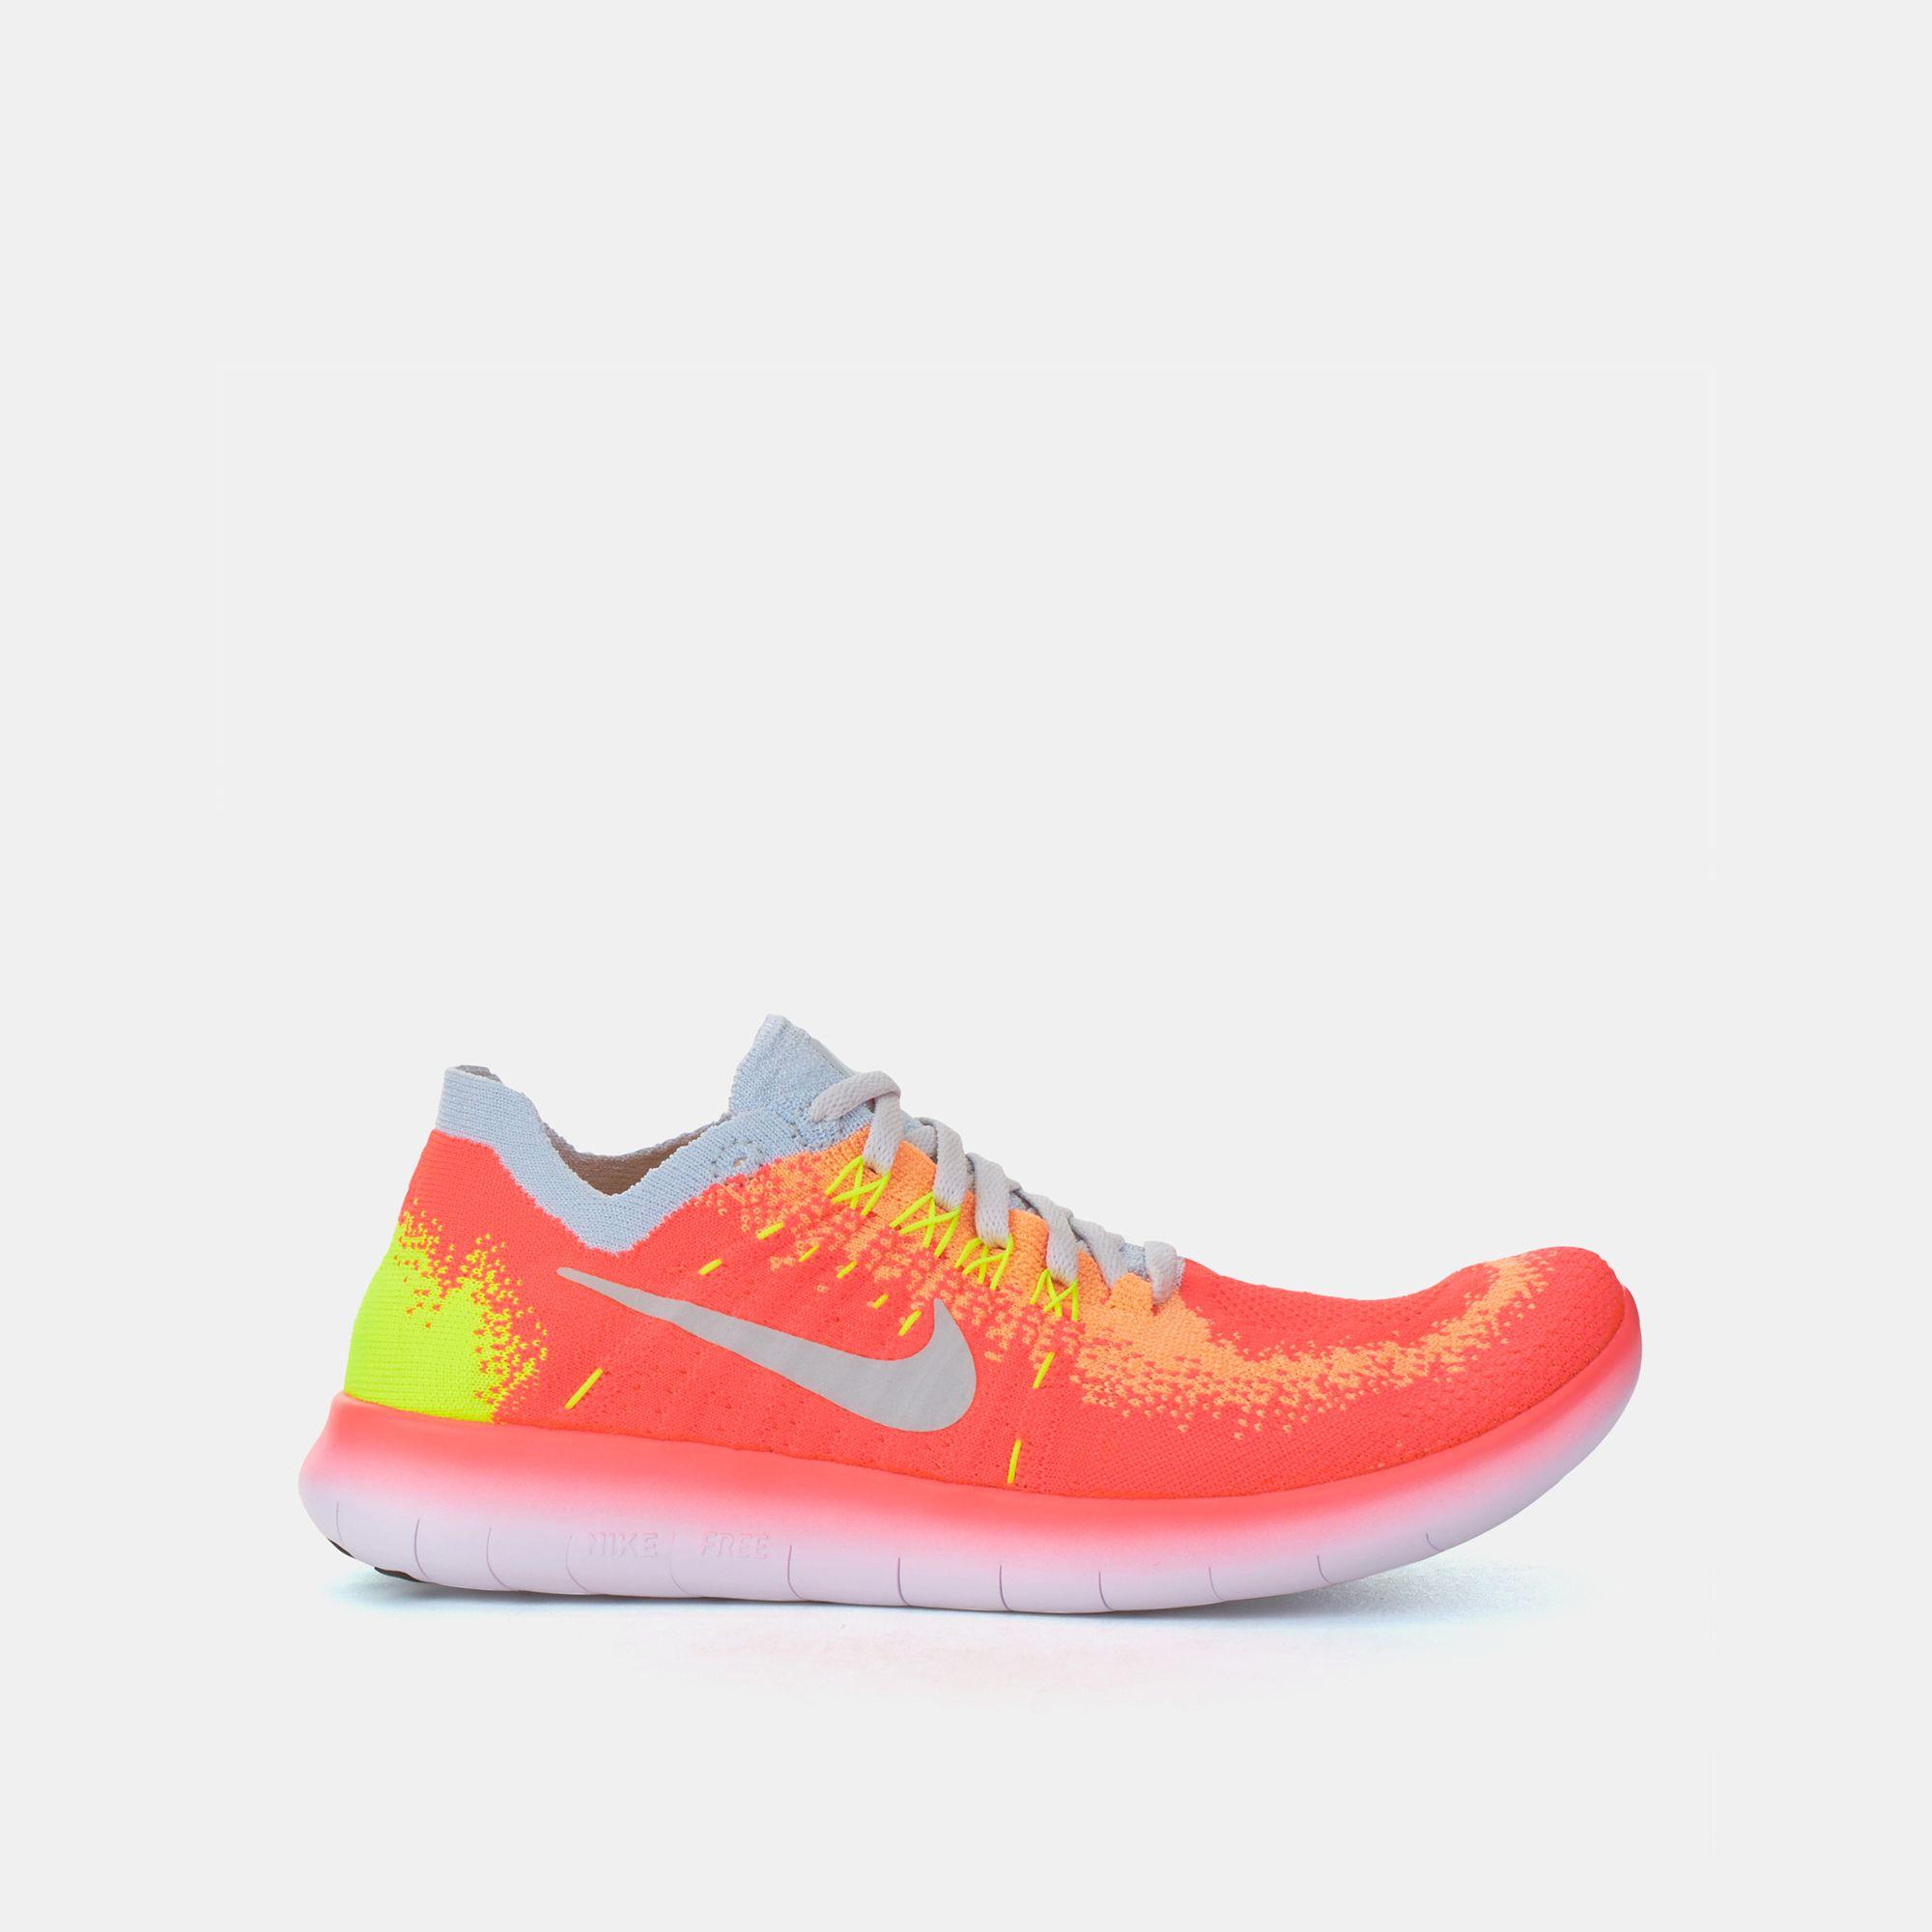 ac6d451d4f82 Nike Kids  Free RN Flyknit 2017 Shoe